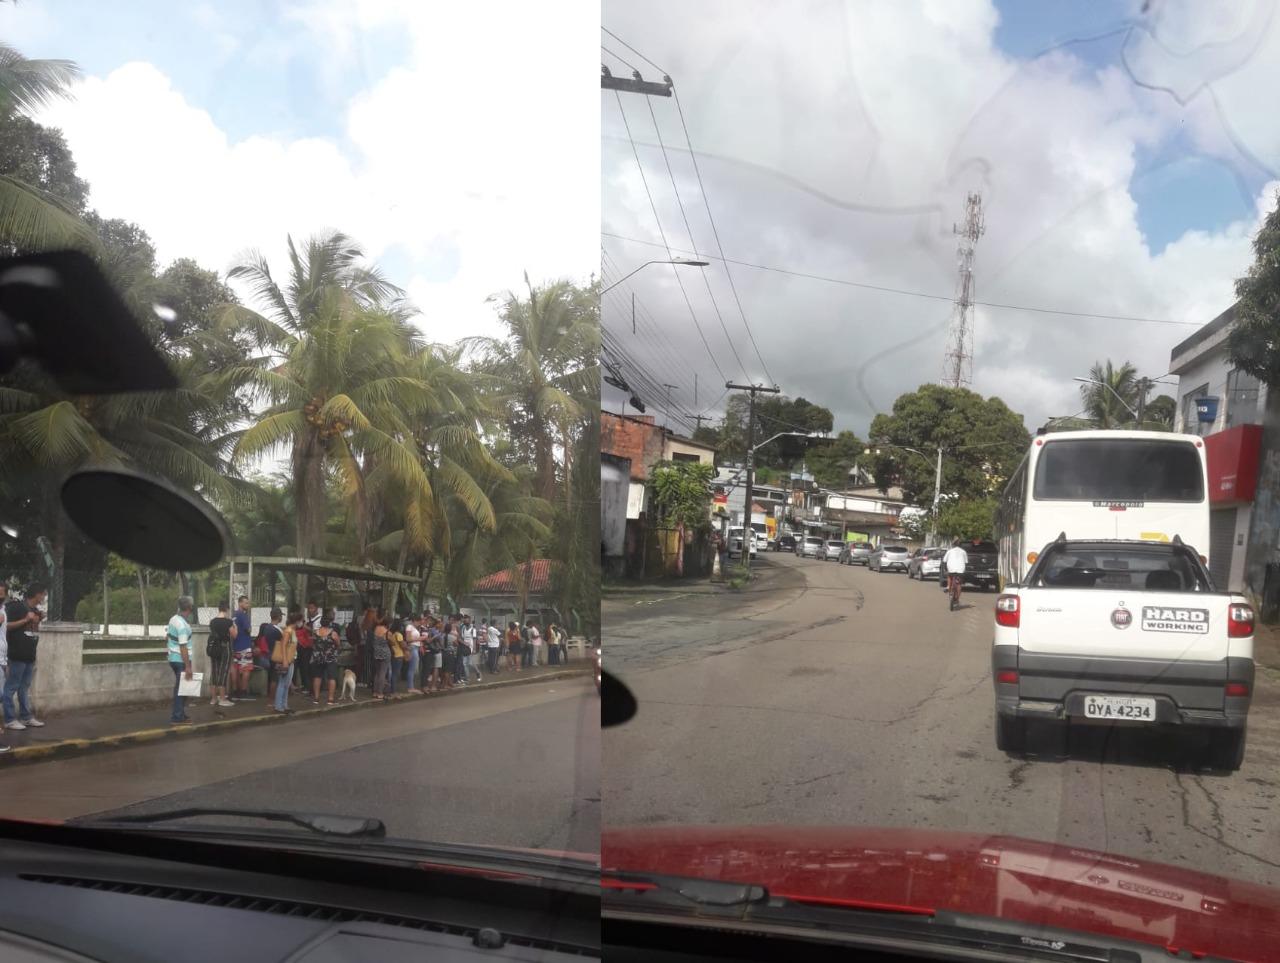 Transtornos causados nas ruas de Jaboatão com a paralisação parcial do Metrô na região. Na foto, o trecho próximo ao 14º Batalhão de Infantaria Motorizado, no bairro de Socorro. (Reprodução/WhatsApp)